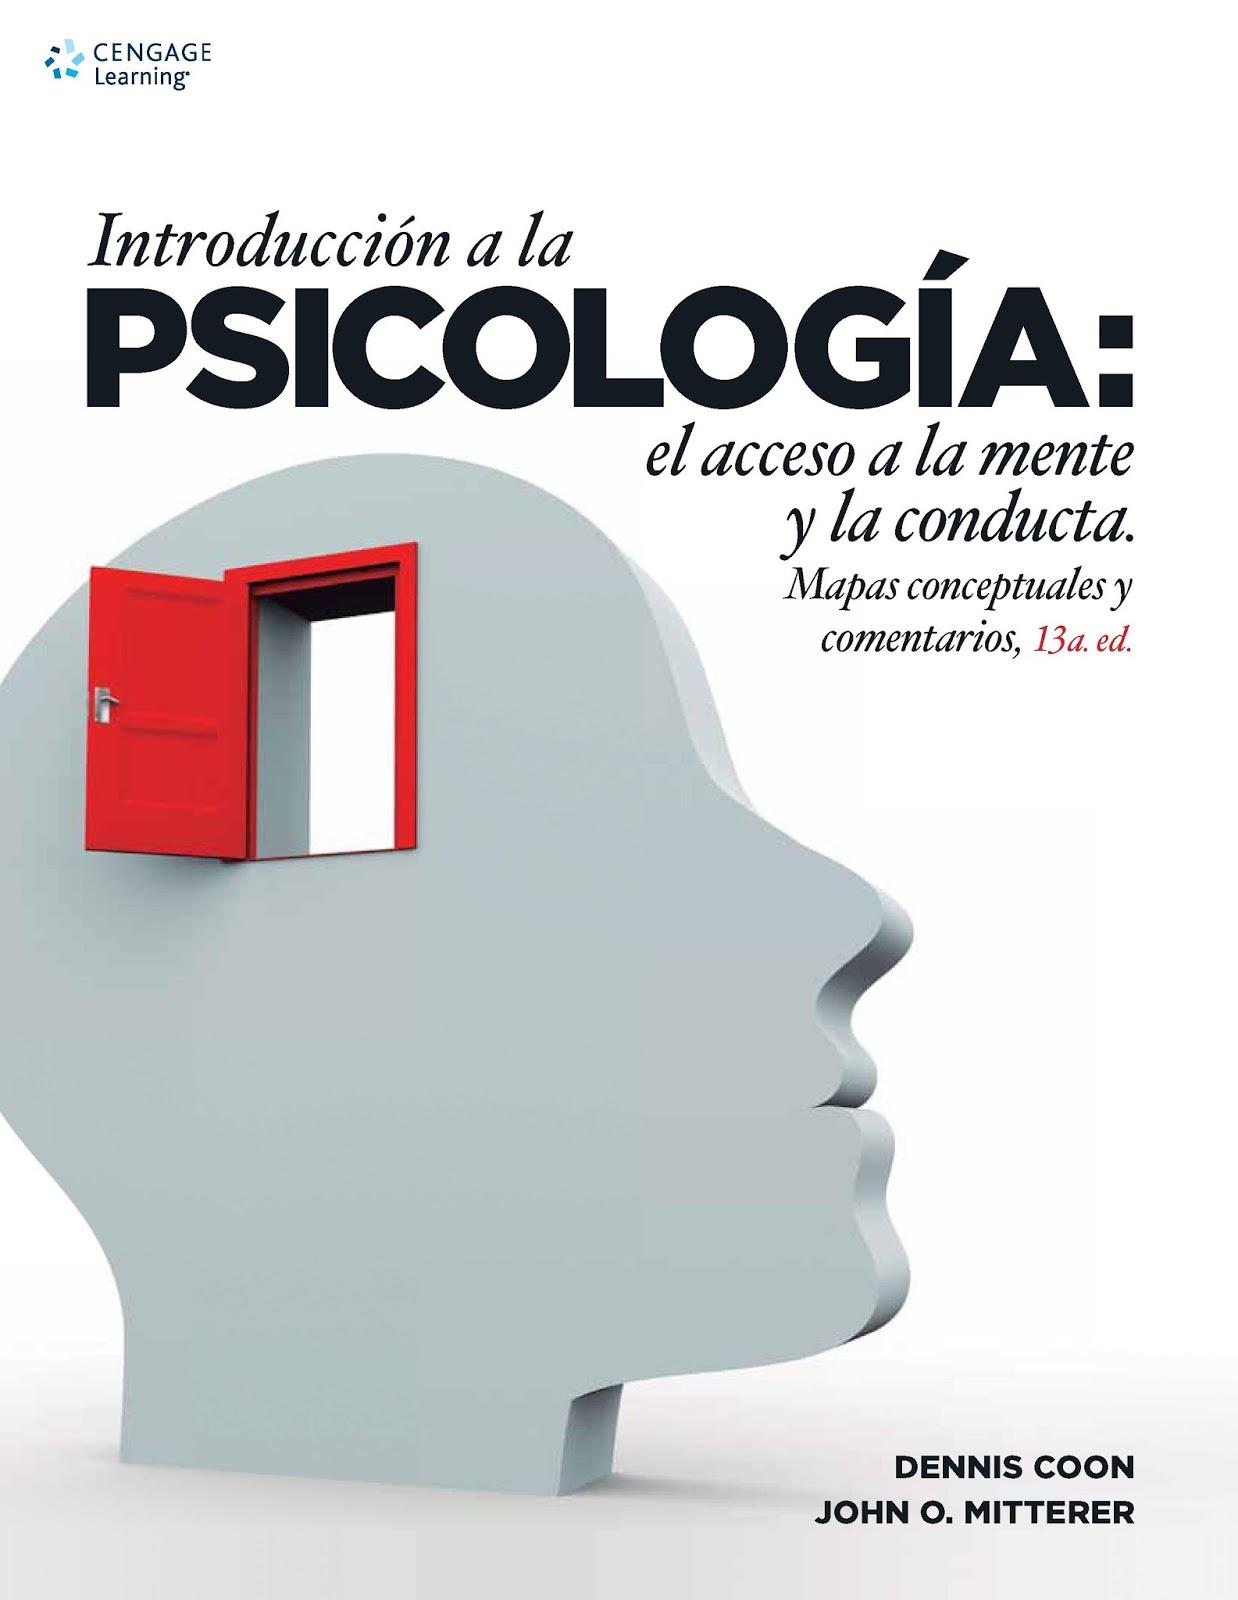 Introducción a la psicología: El acceso a la mente y la conducta, 13va Edición – Dennis Coon